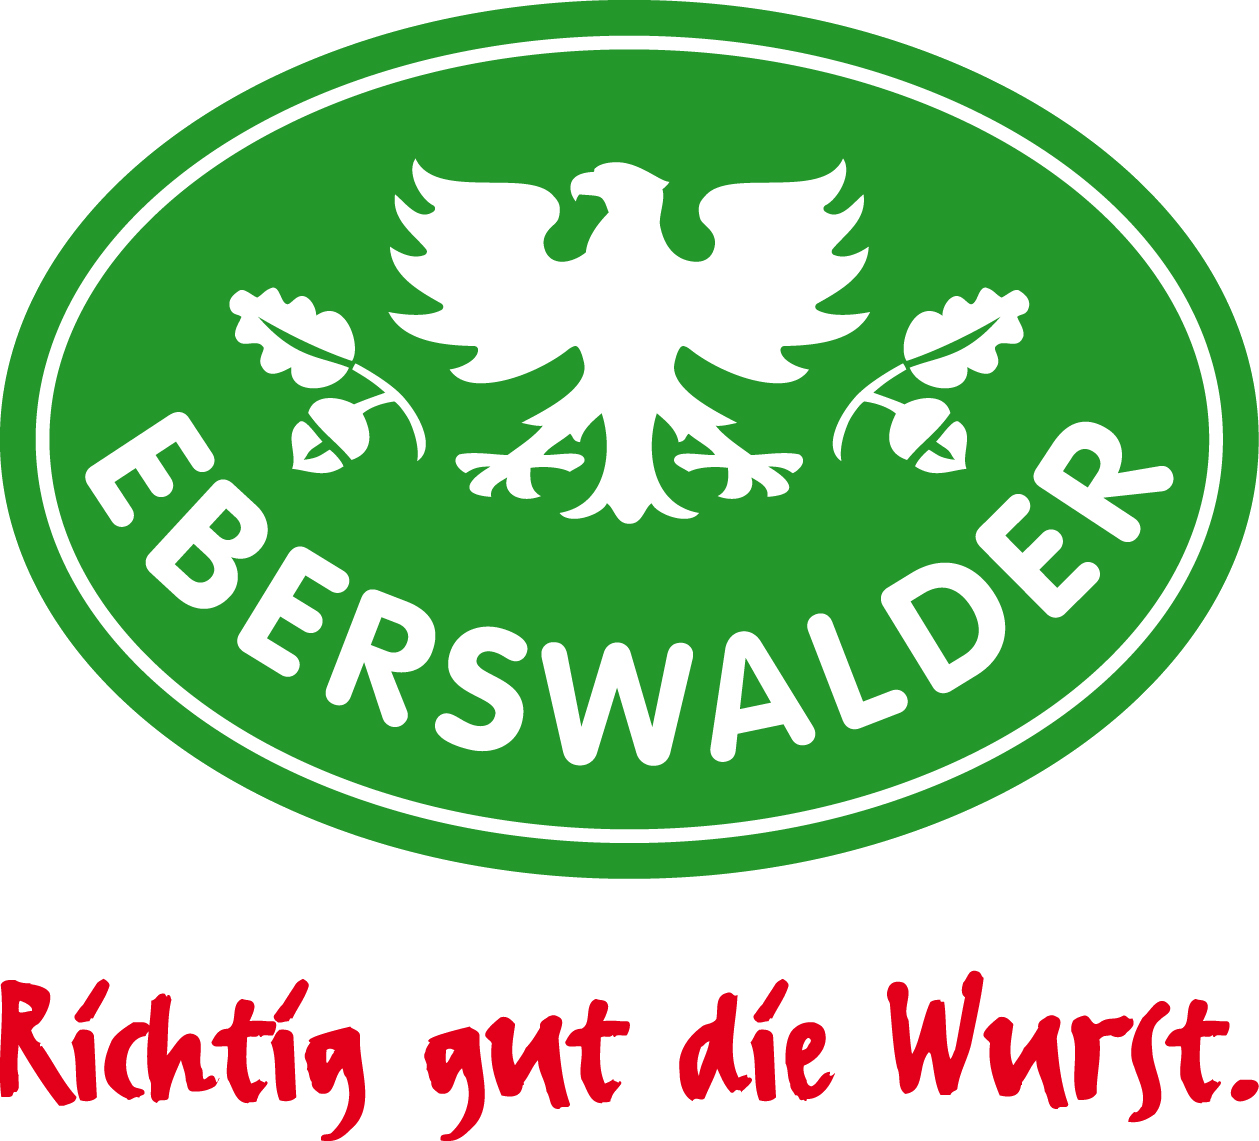 Logo Eberswalder Wurst